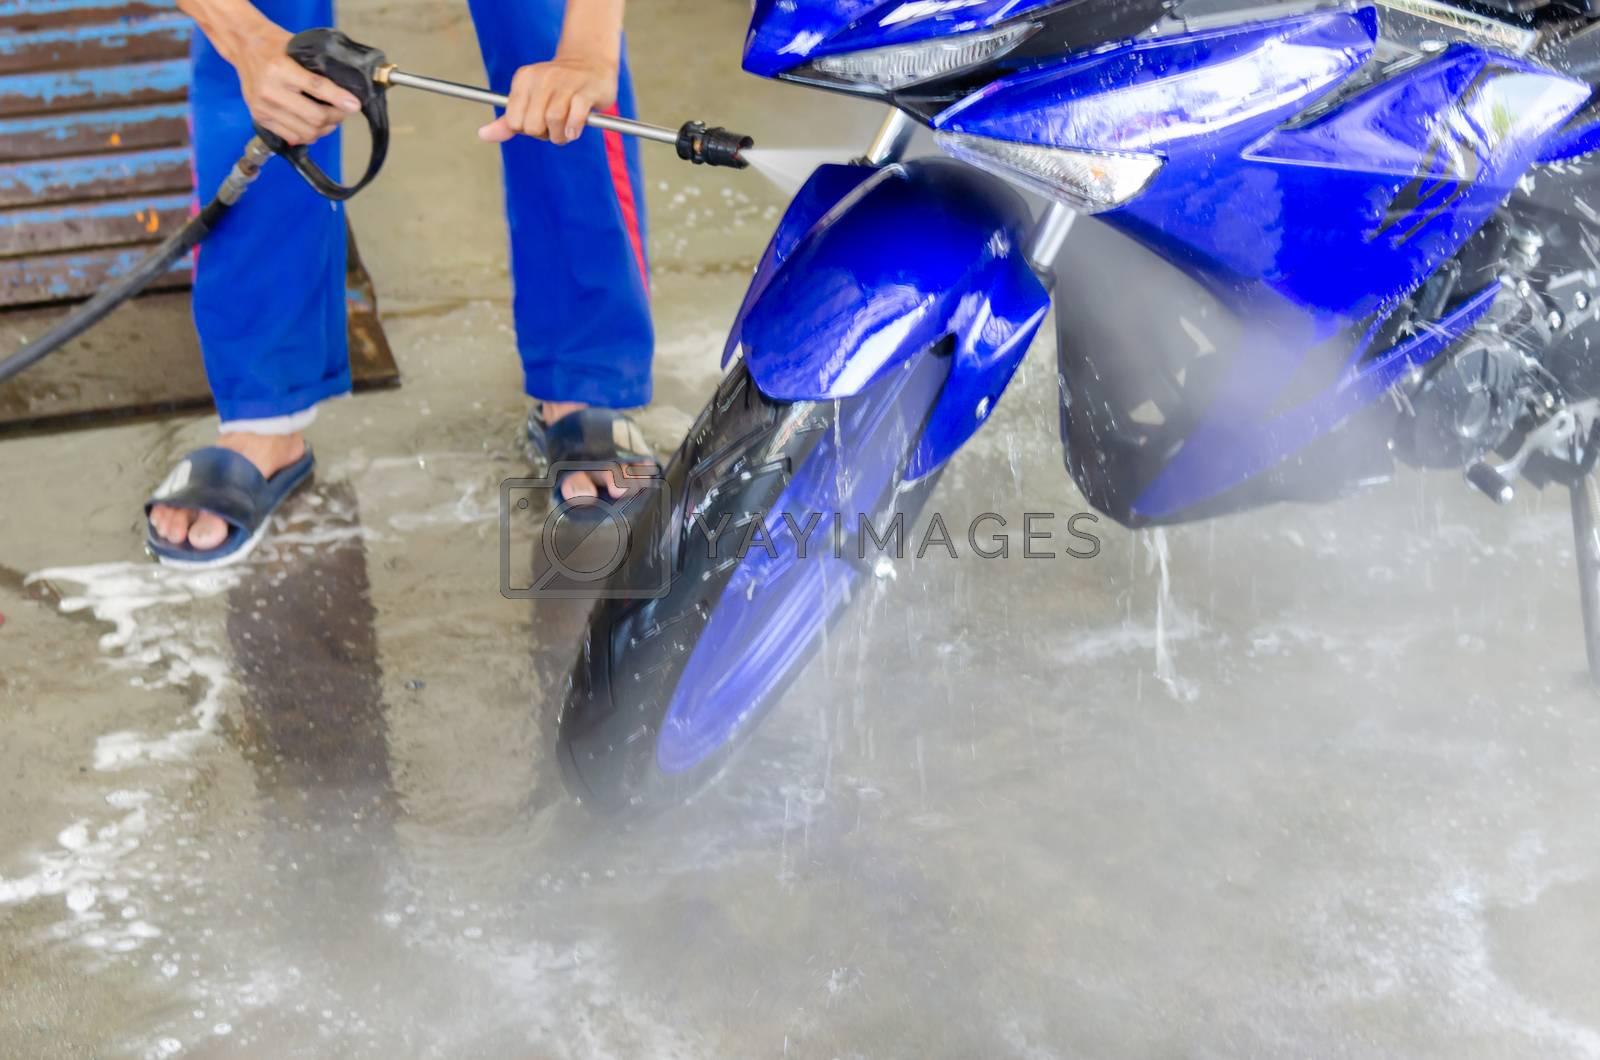 High-pressure water gun washing a motorcycle